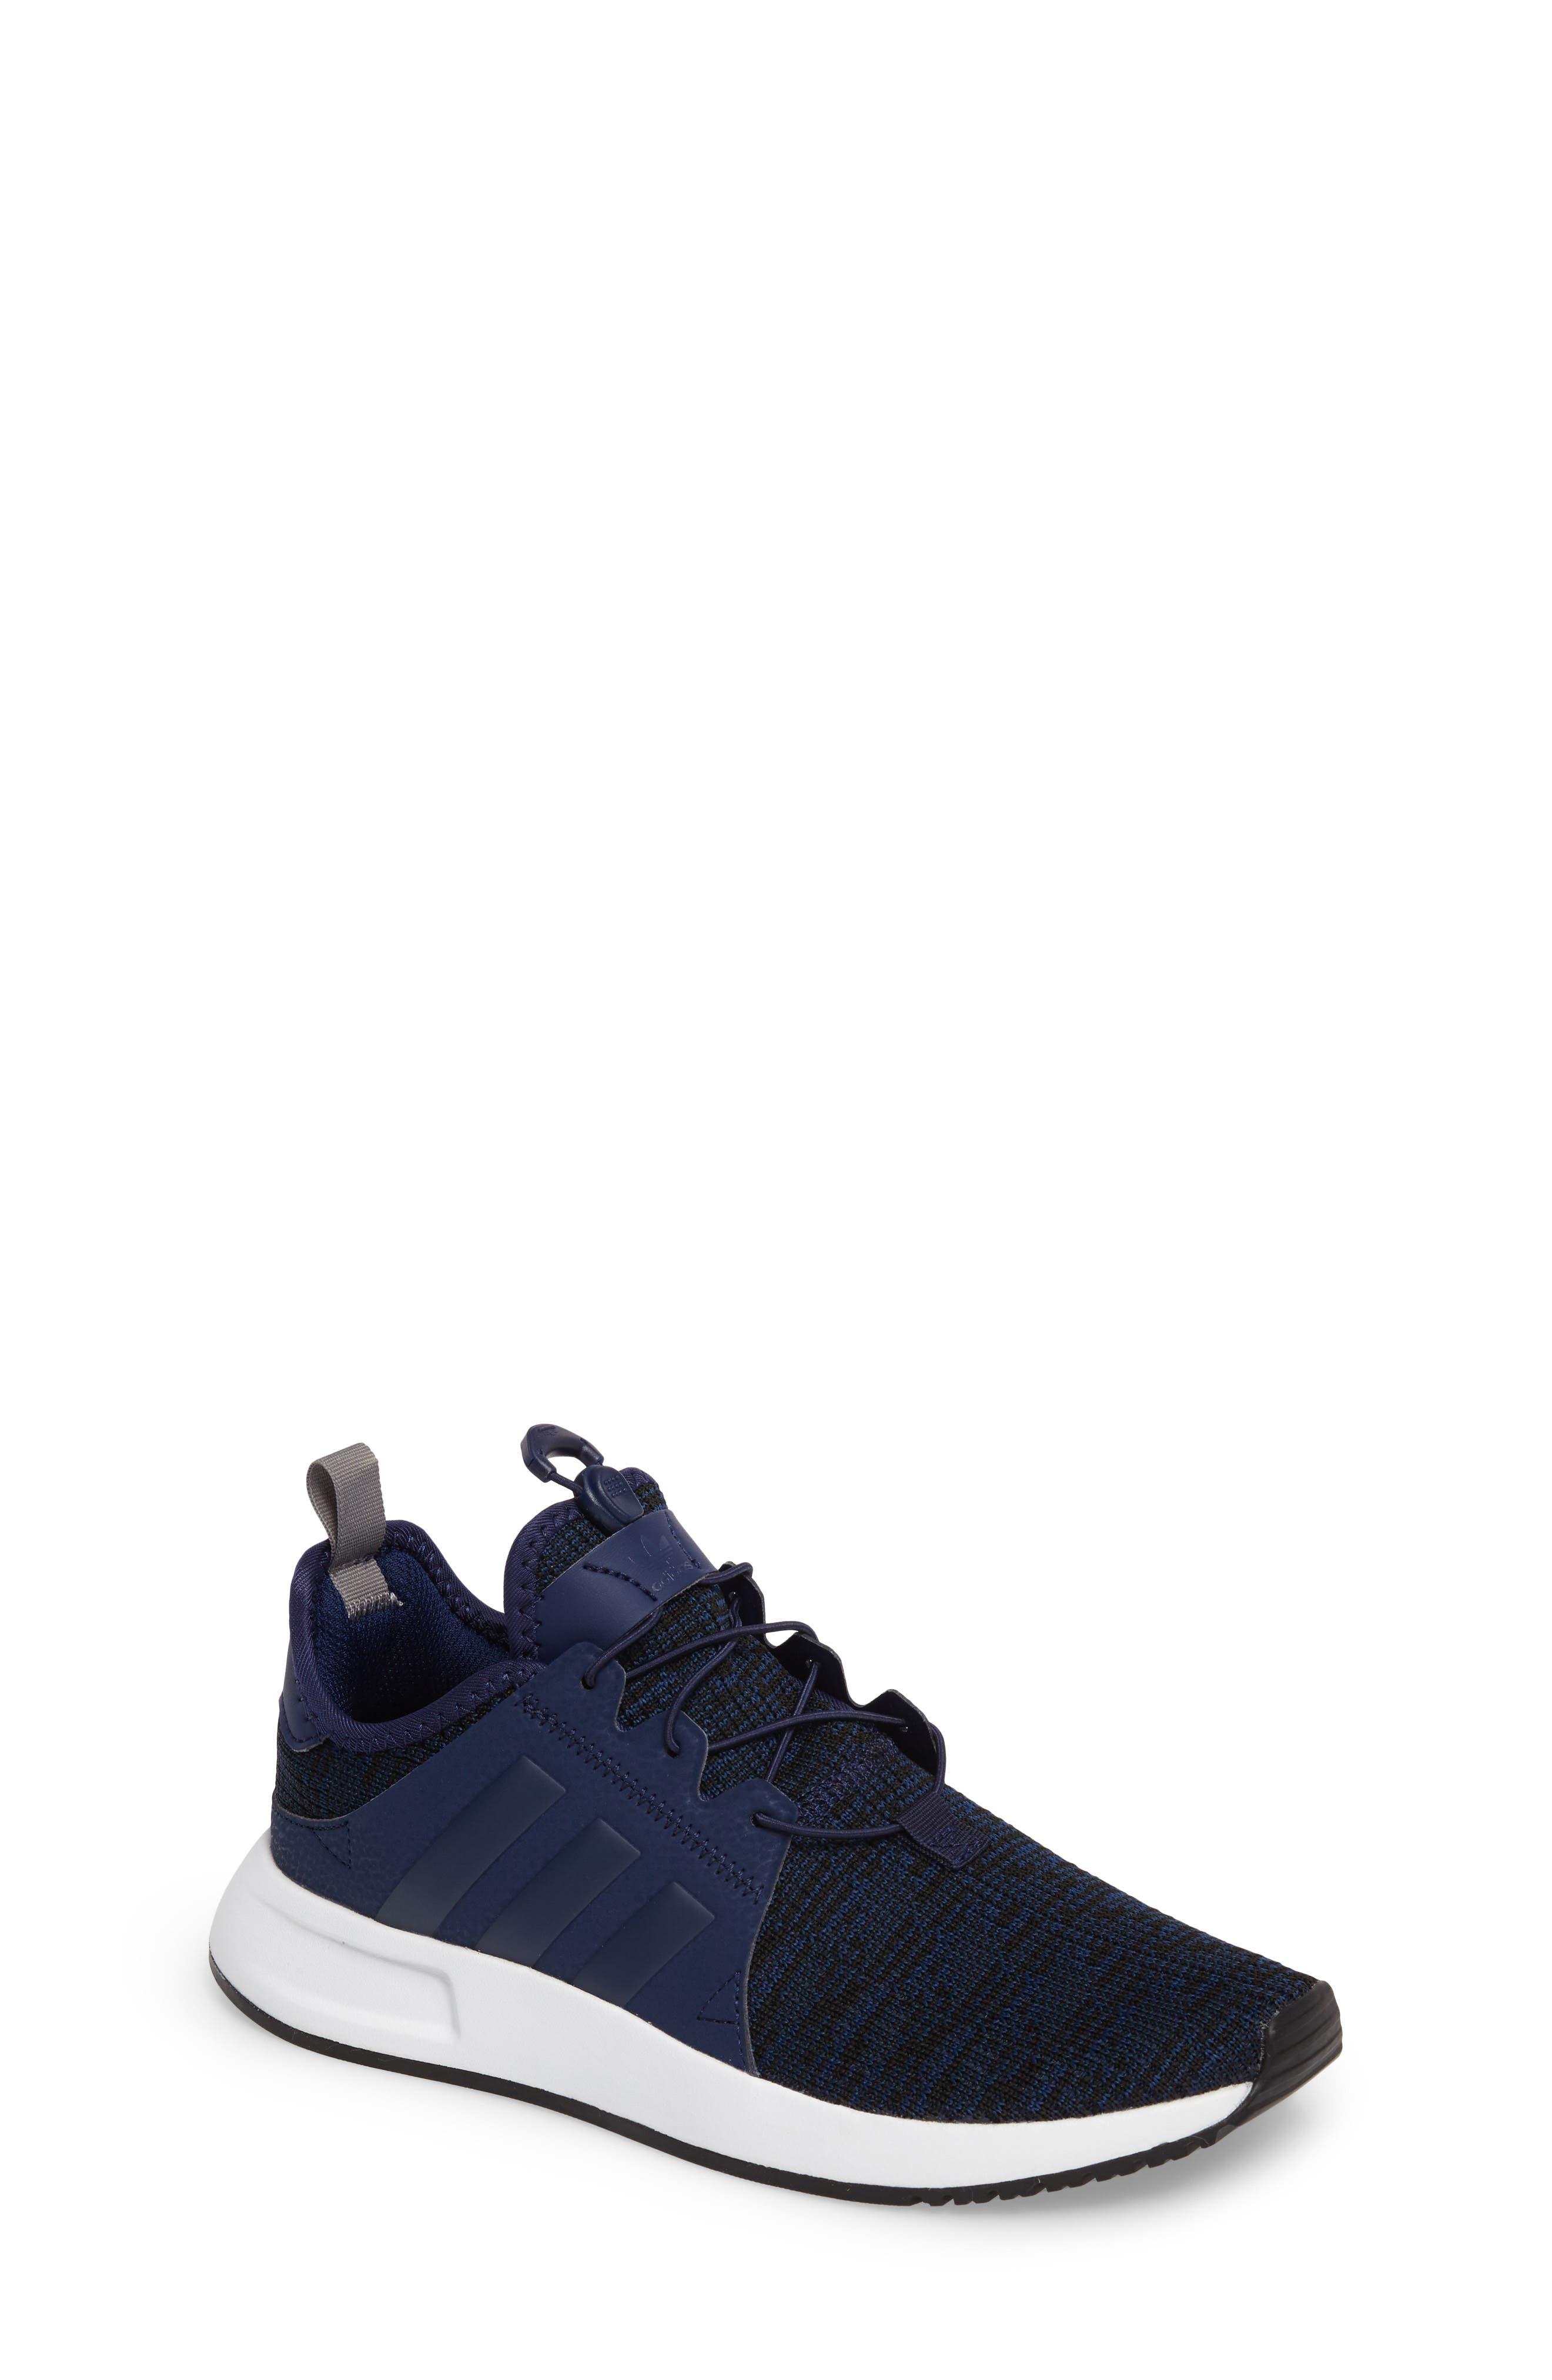 ADIDAS X_PLR Knit Sneaker